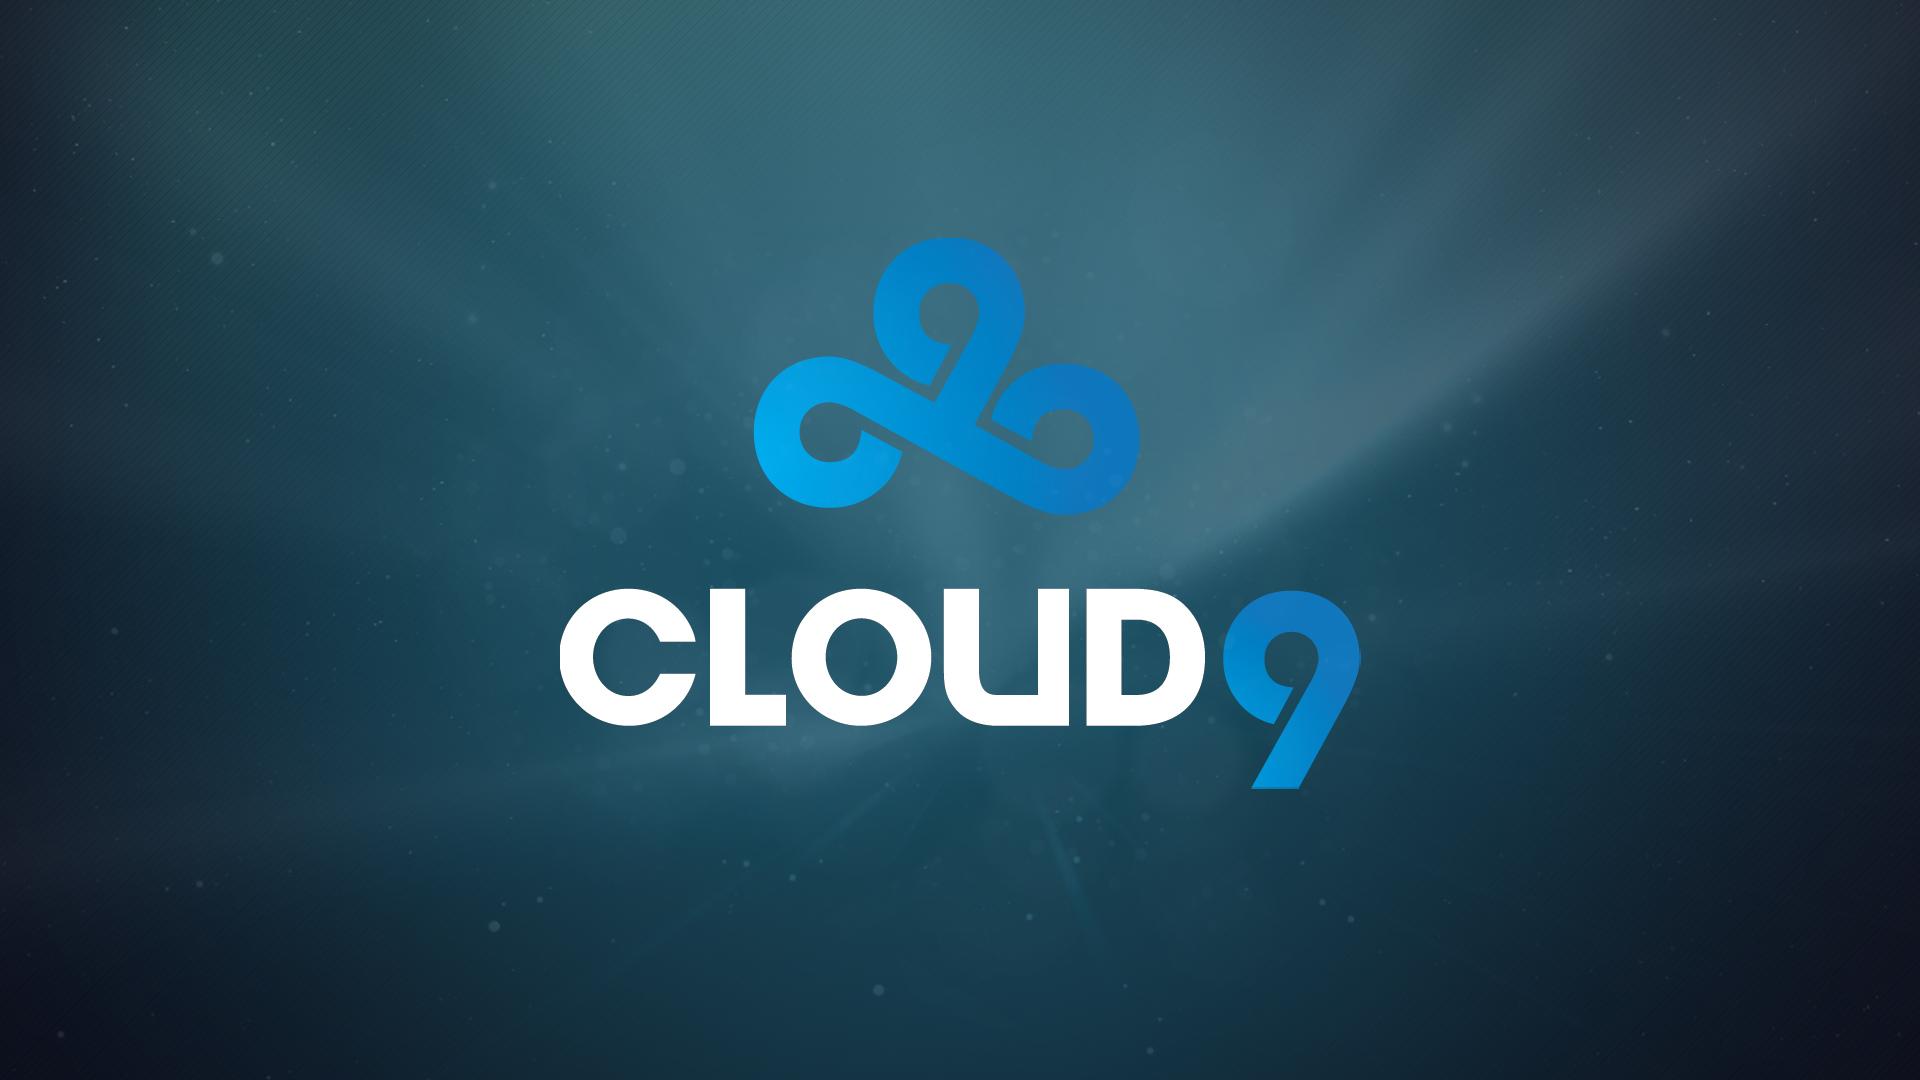 Cloud9 Blue